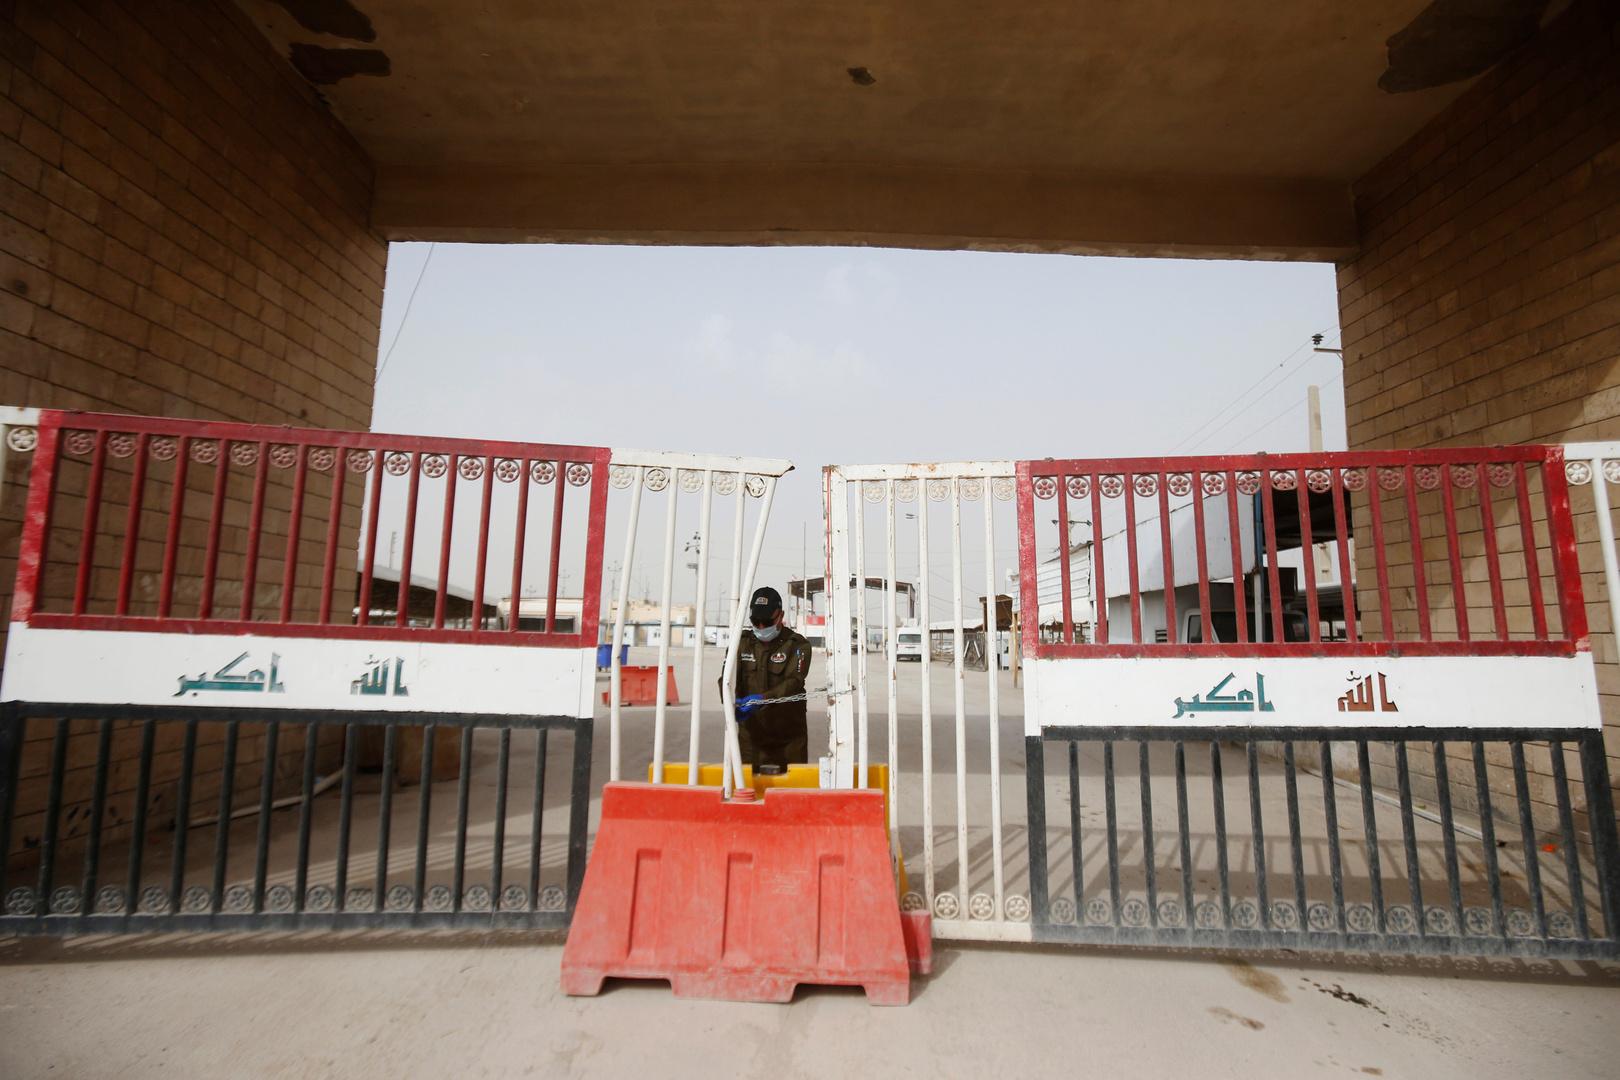 مراسلنا: فتح منفذين حدوديين لإدخال الزائرين الإيرانيين إلى العراق